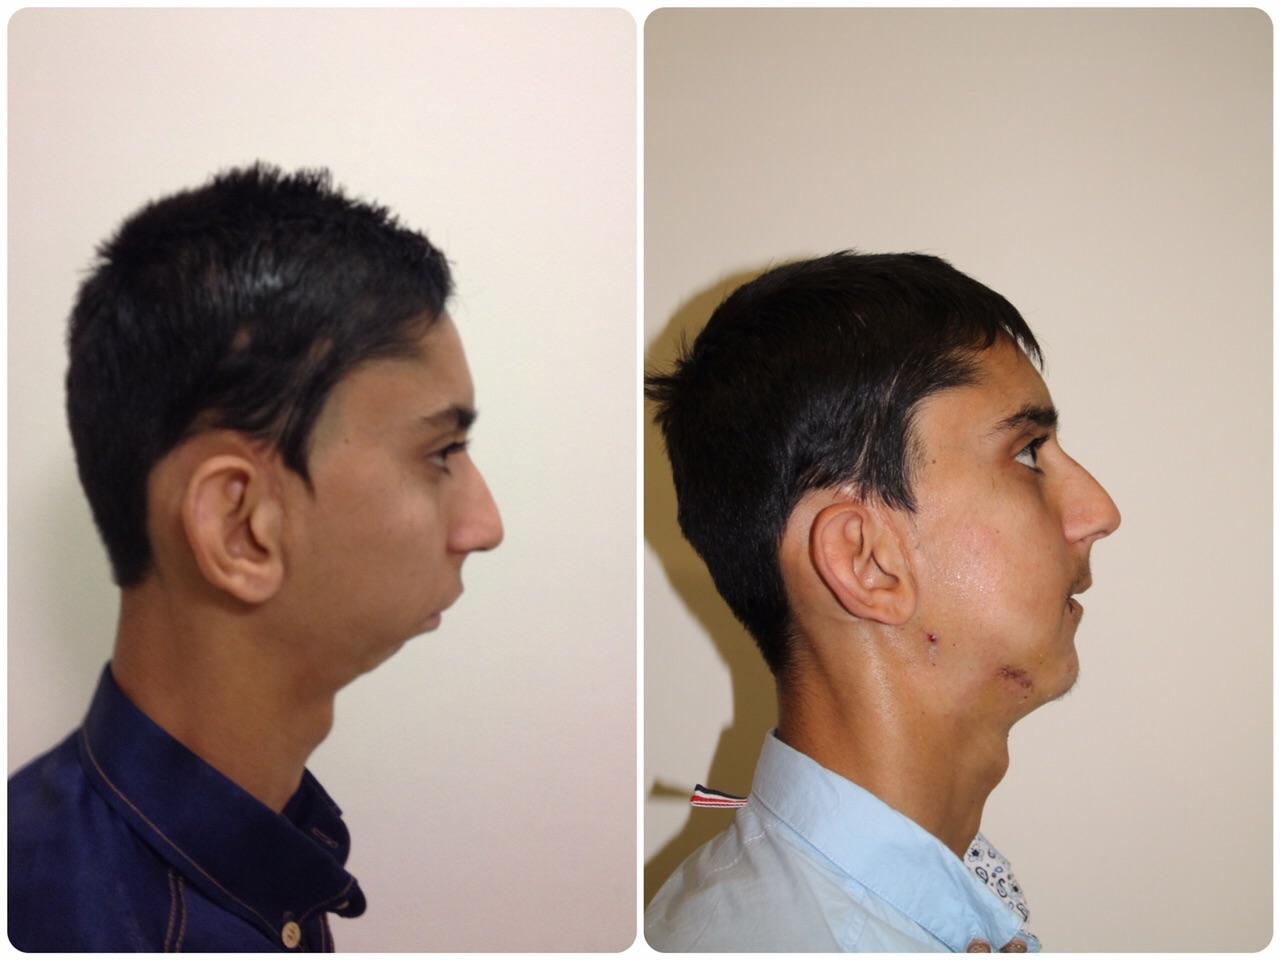 Fortis Gurgaon surgeons repair fused jaw bones of a 21-year old